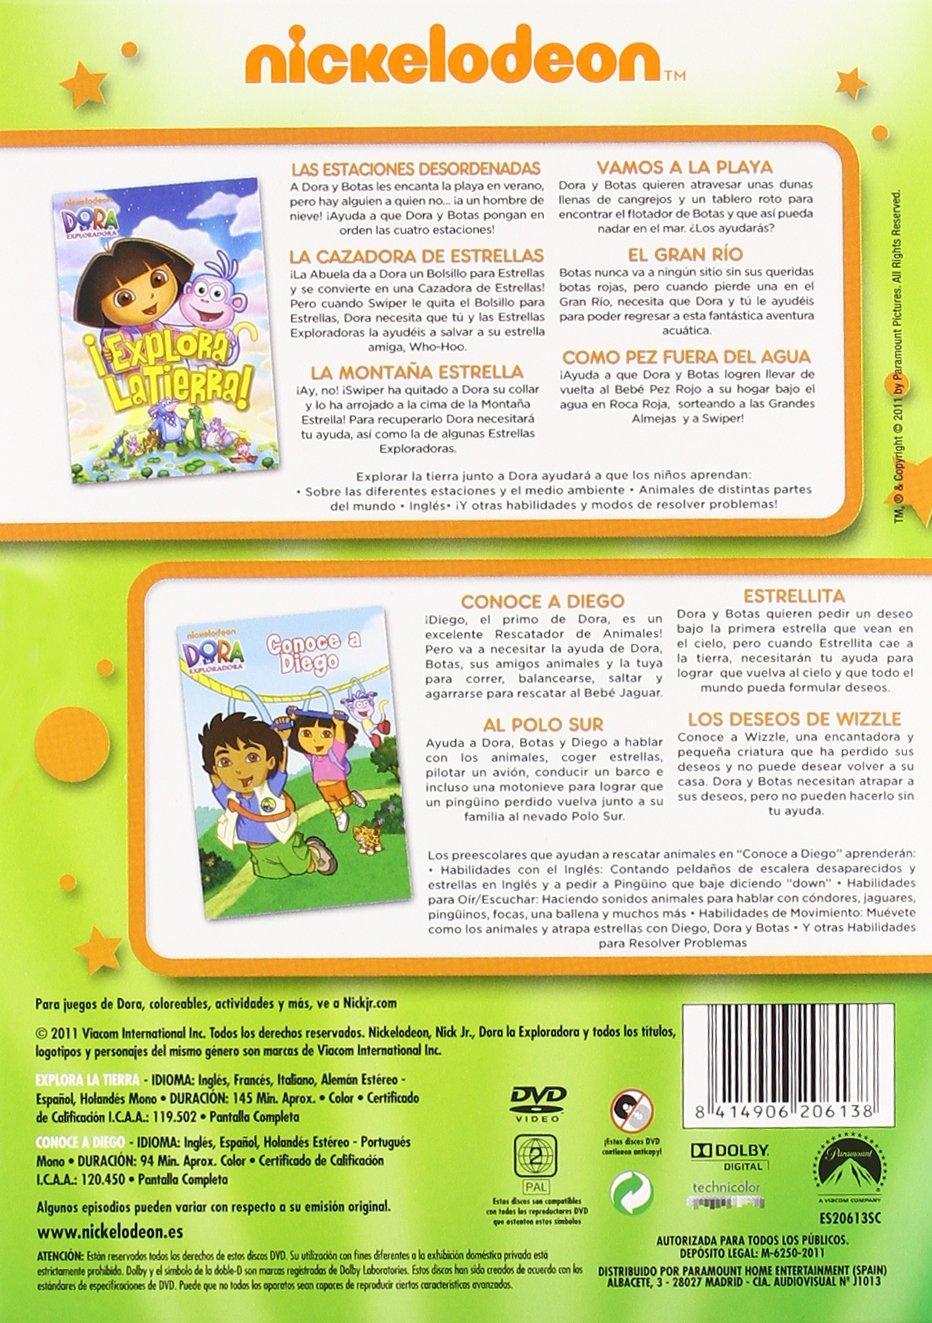 Amazon.com: Dora La Exploradora : Conoce A Diego + Explora La Tierra (Import Movie) (European Format - Zone 2) Gary Con: Movies & TV